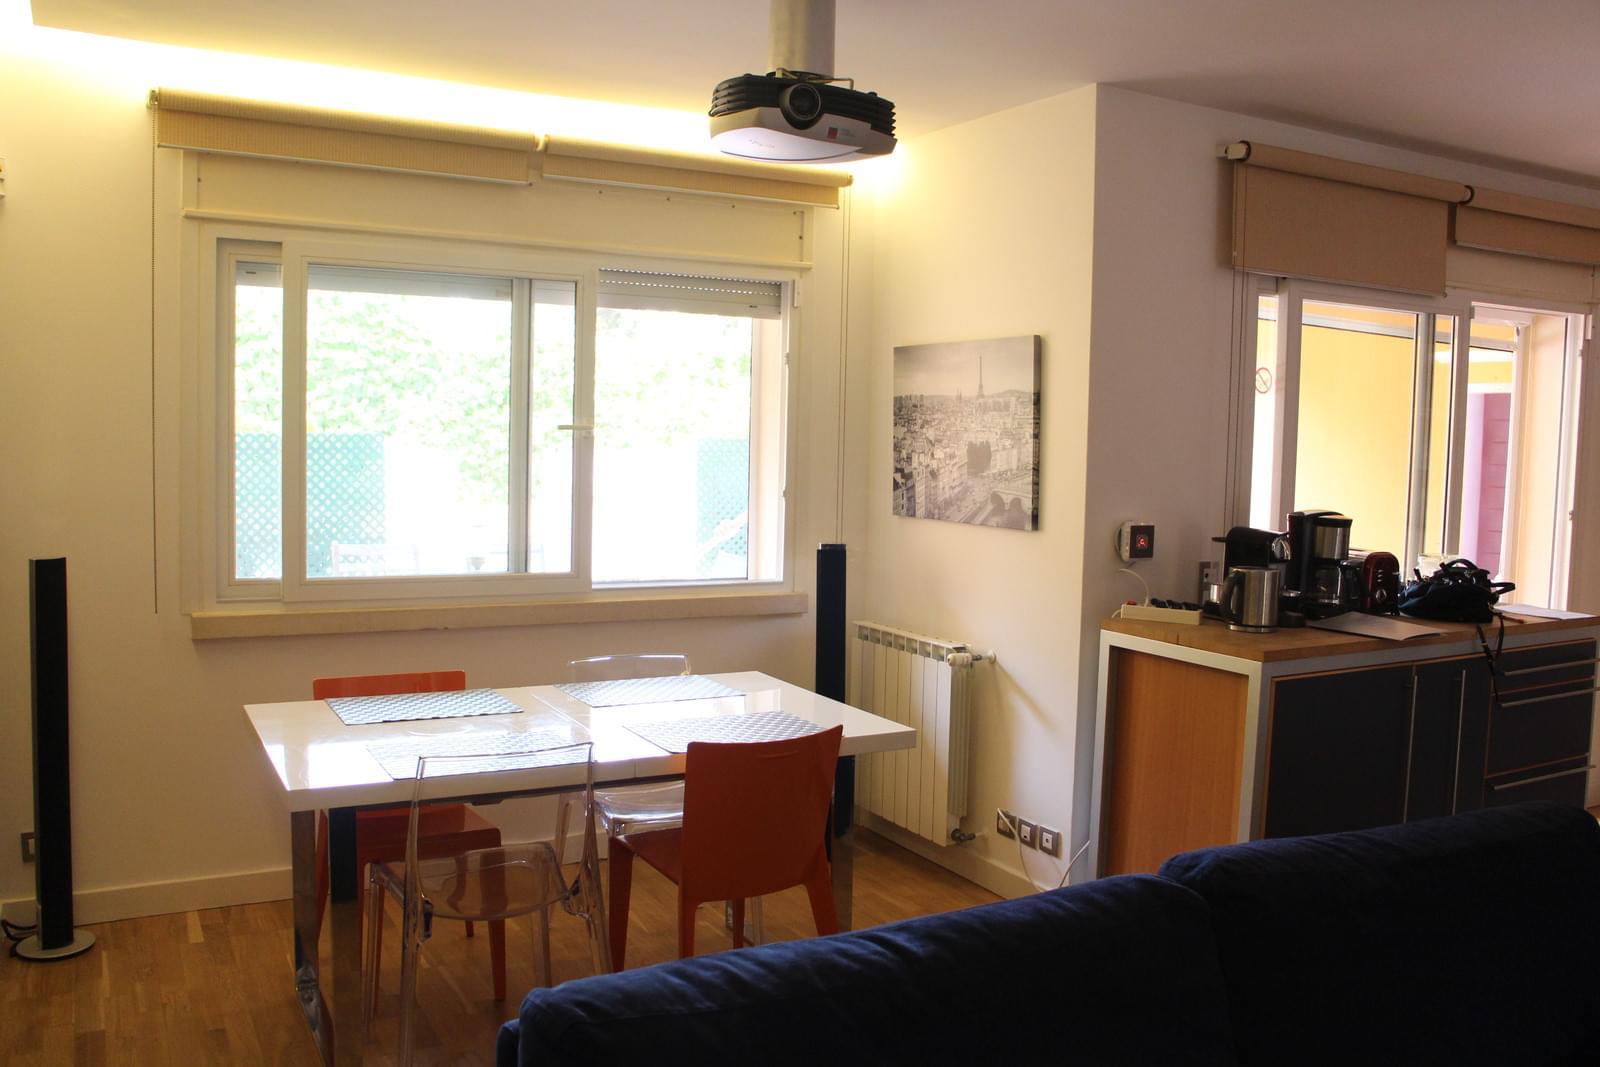 pf17538-apartamento-t2-cascais-97633306-b165-4337-a03d-b59a1dfdd6a3